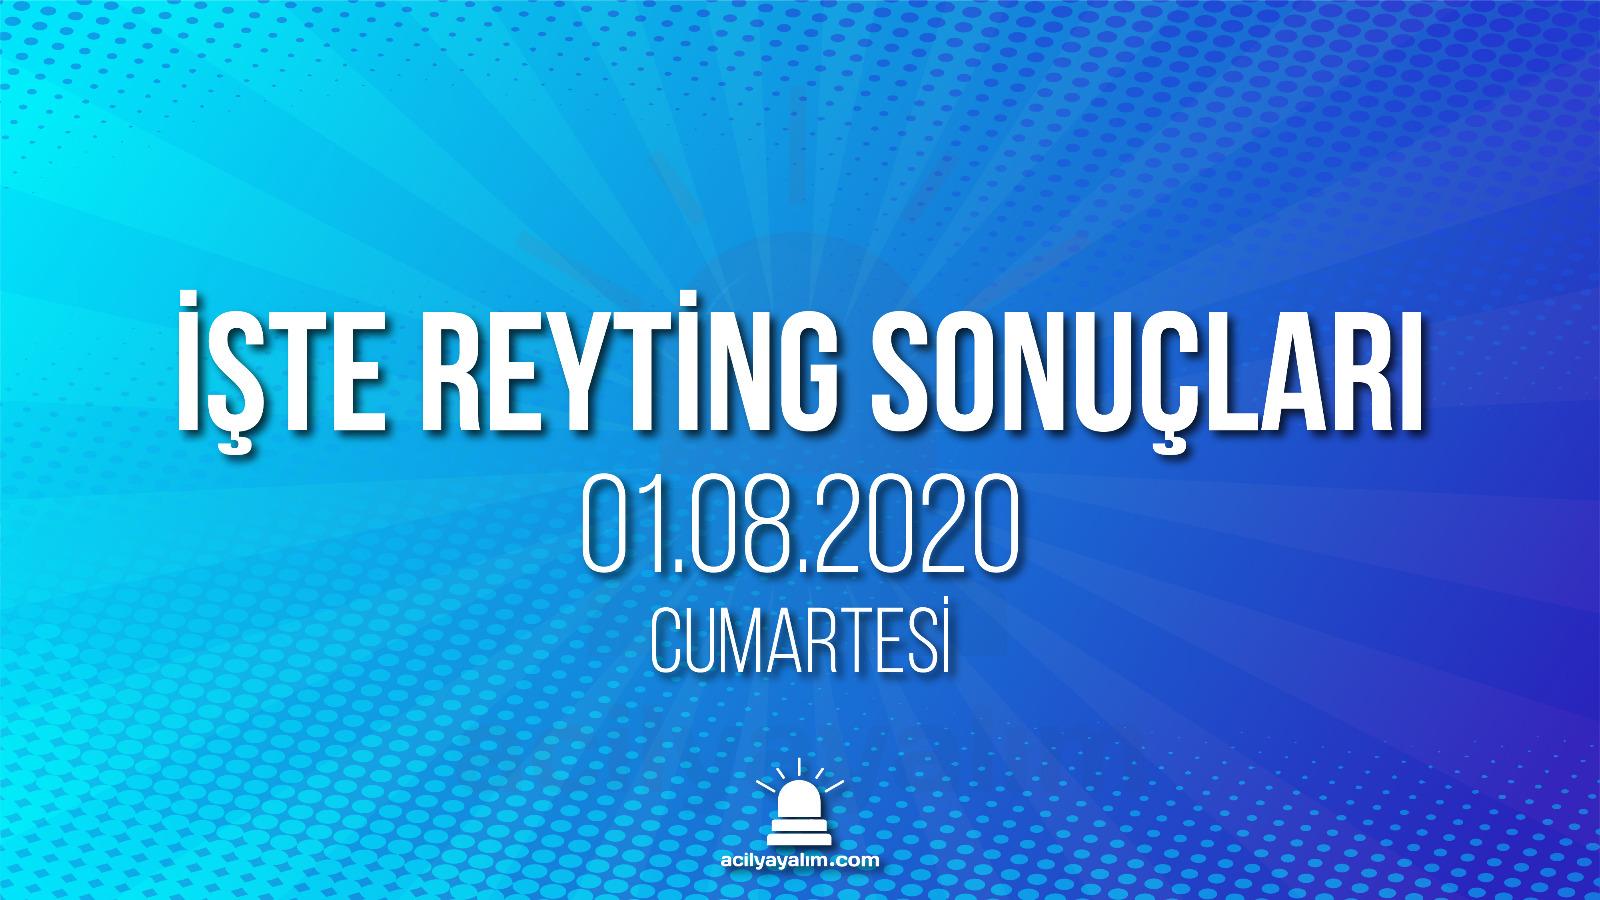 1 Ağustos 2020 Cumartesi reyting sonuçları